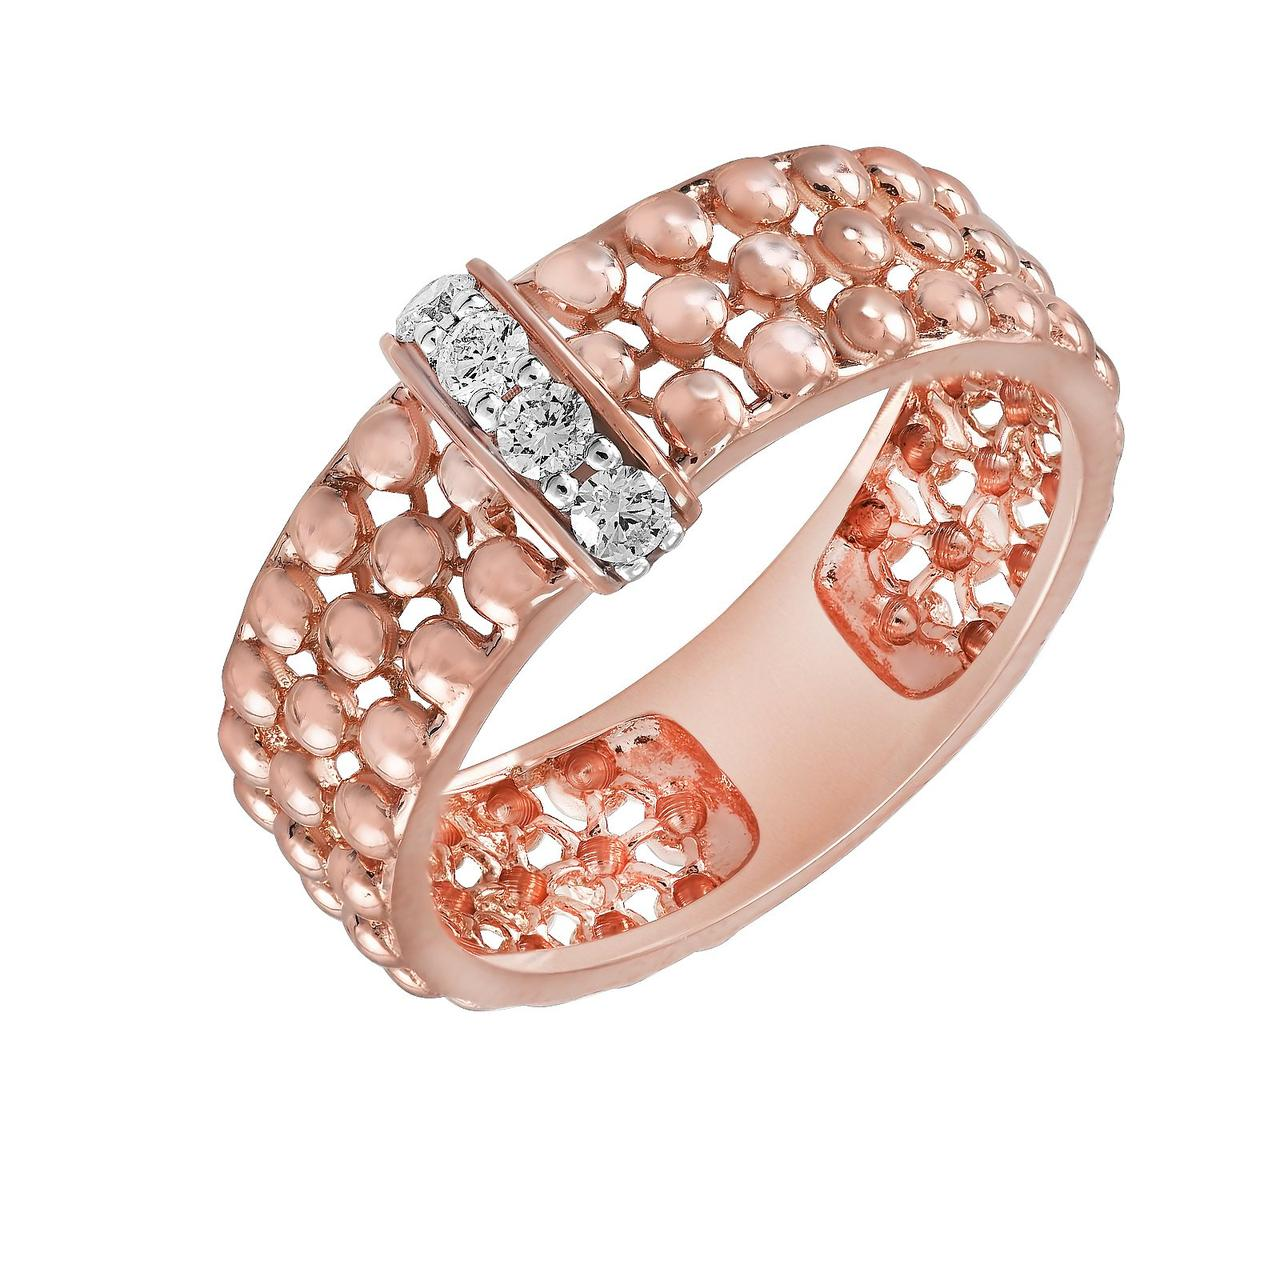 Золотое кольцо с бриллиантами, размер 16.5 (321365)